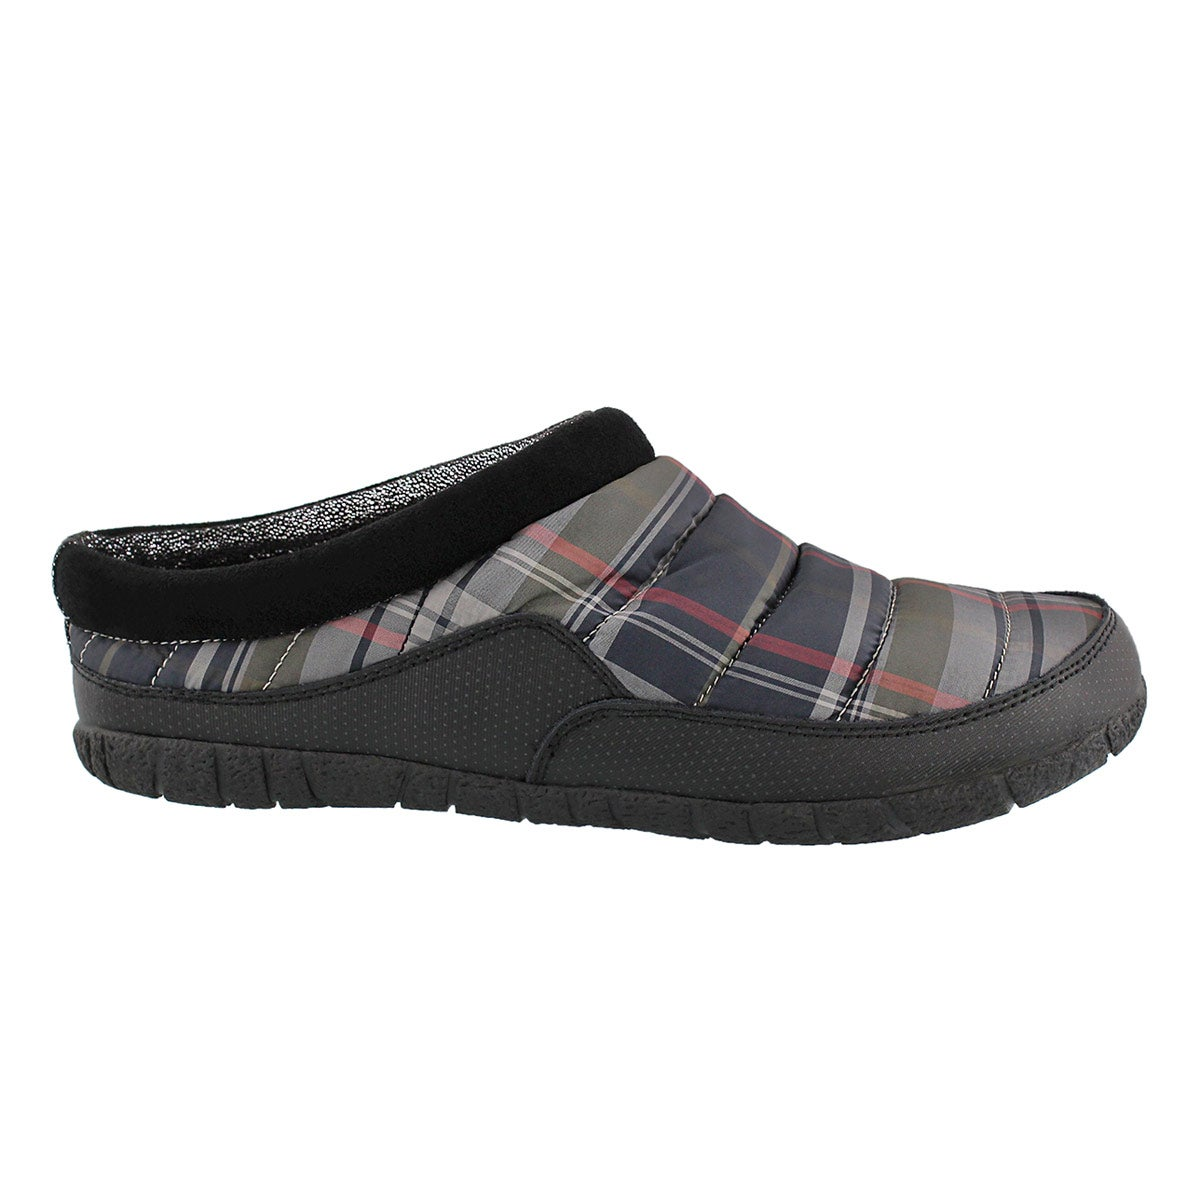 Mns Yukon grey open back slipper